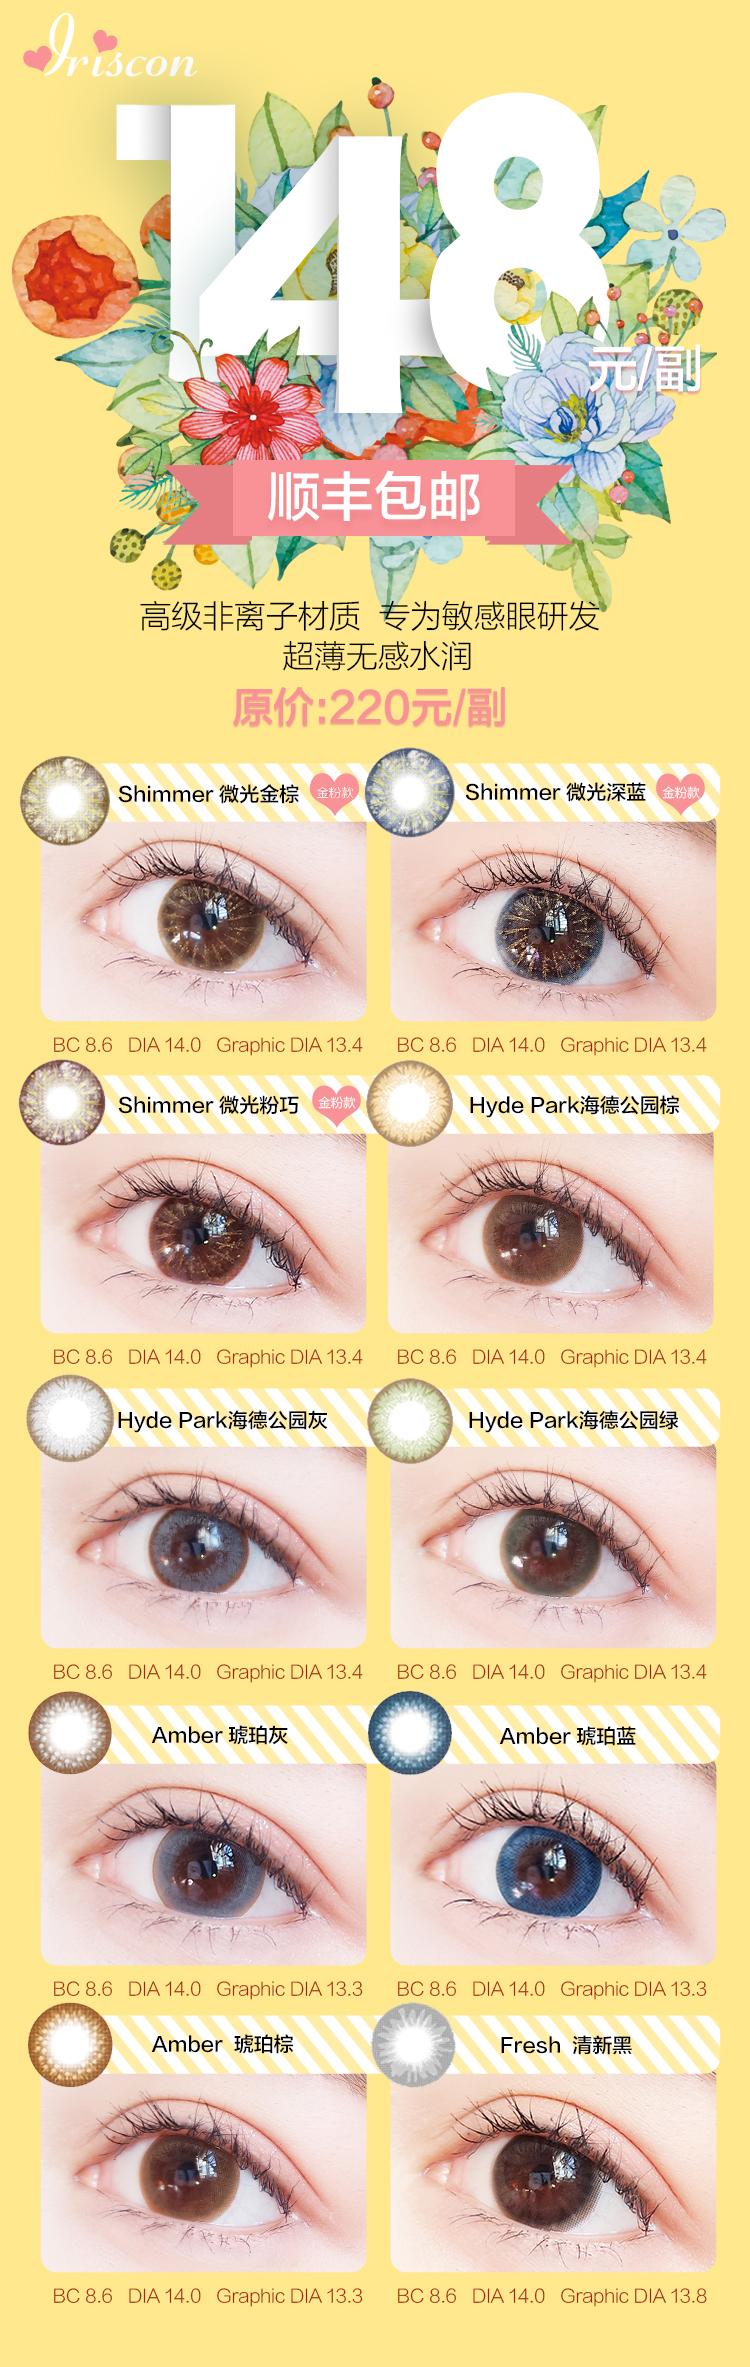 韩国IRISCON高级非离子,专为敏感眼研发,超薄无感水润,前所未有的佩戴体验!-百视美瞳网